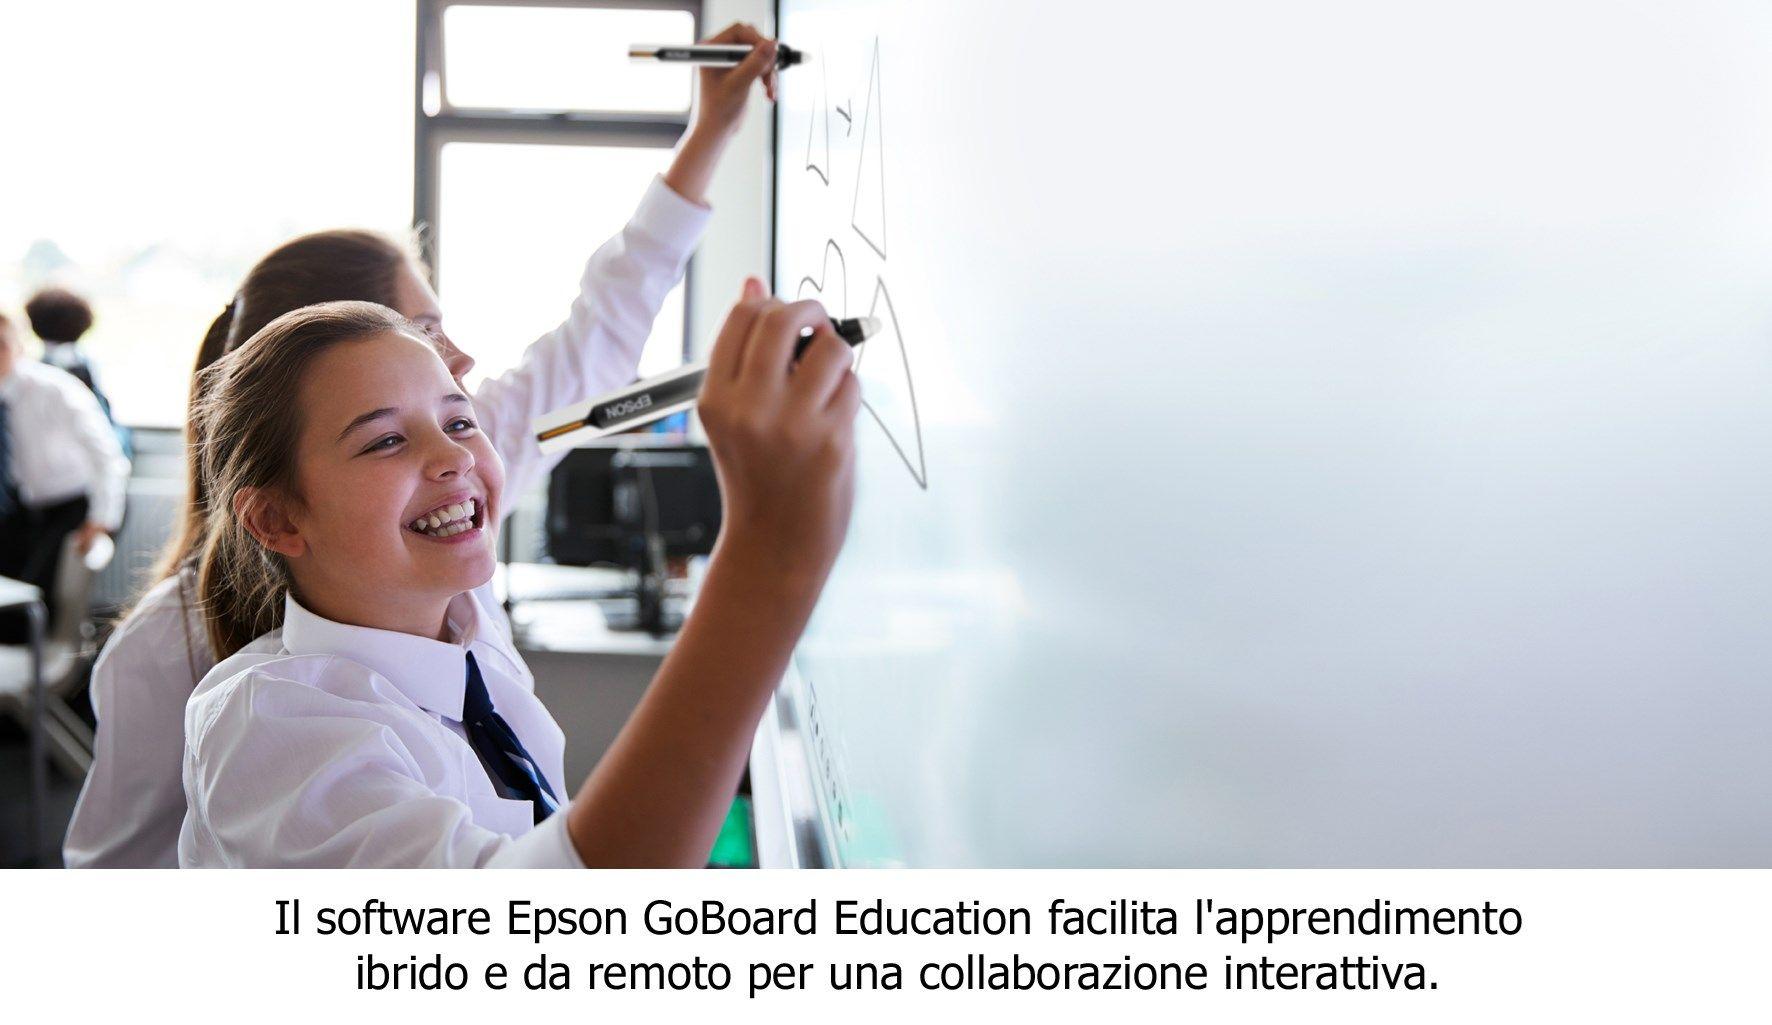 Epson presenta il software GoBoard Education per la didattica collaborativa e creativa